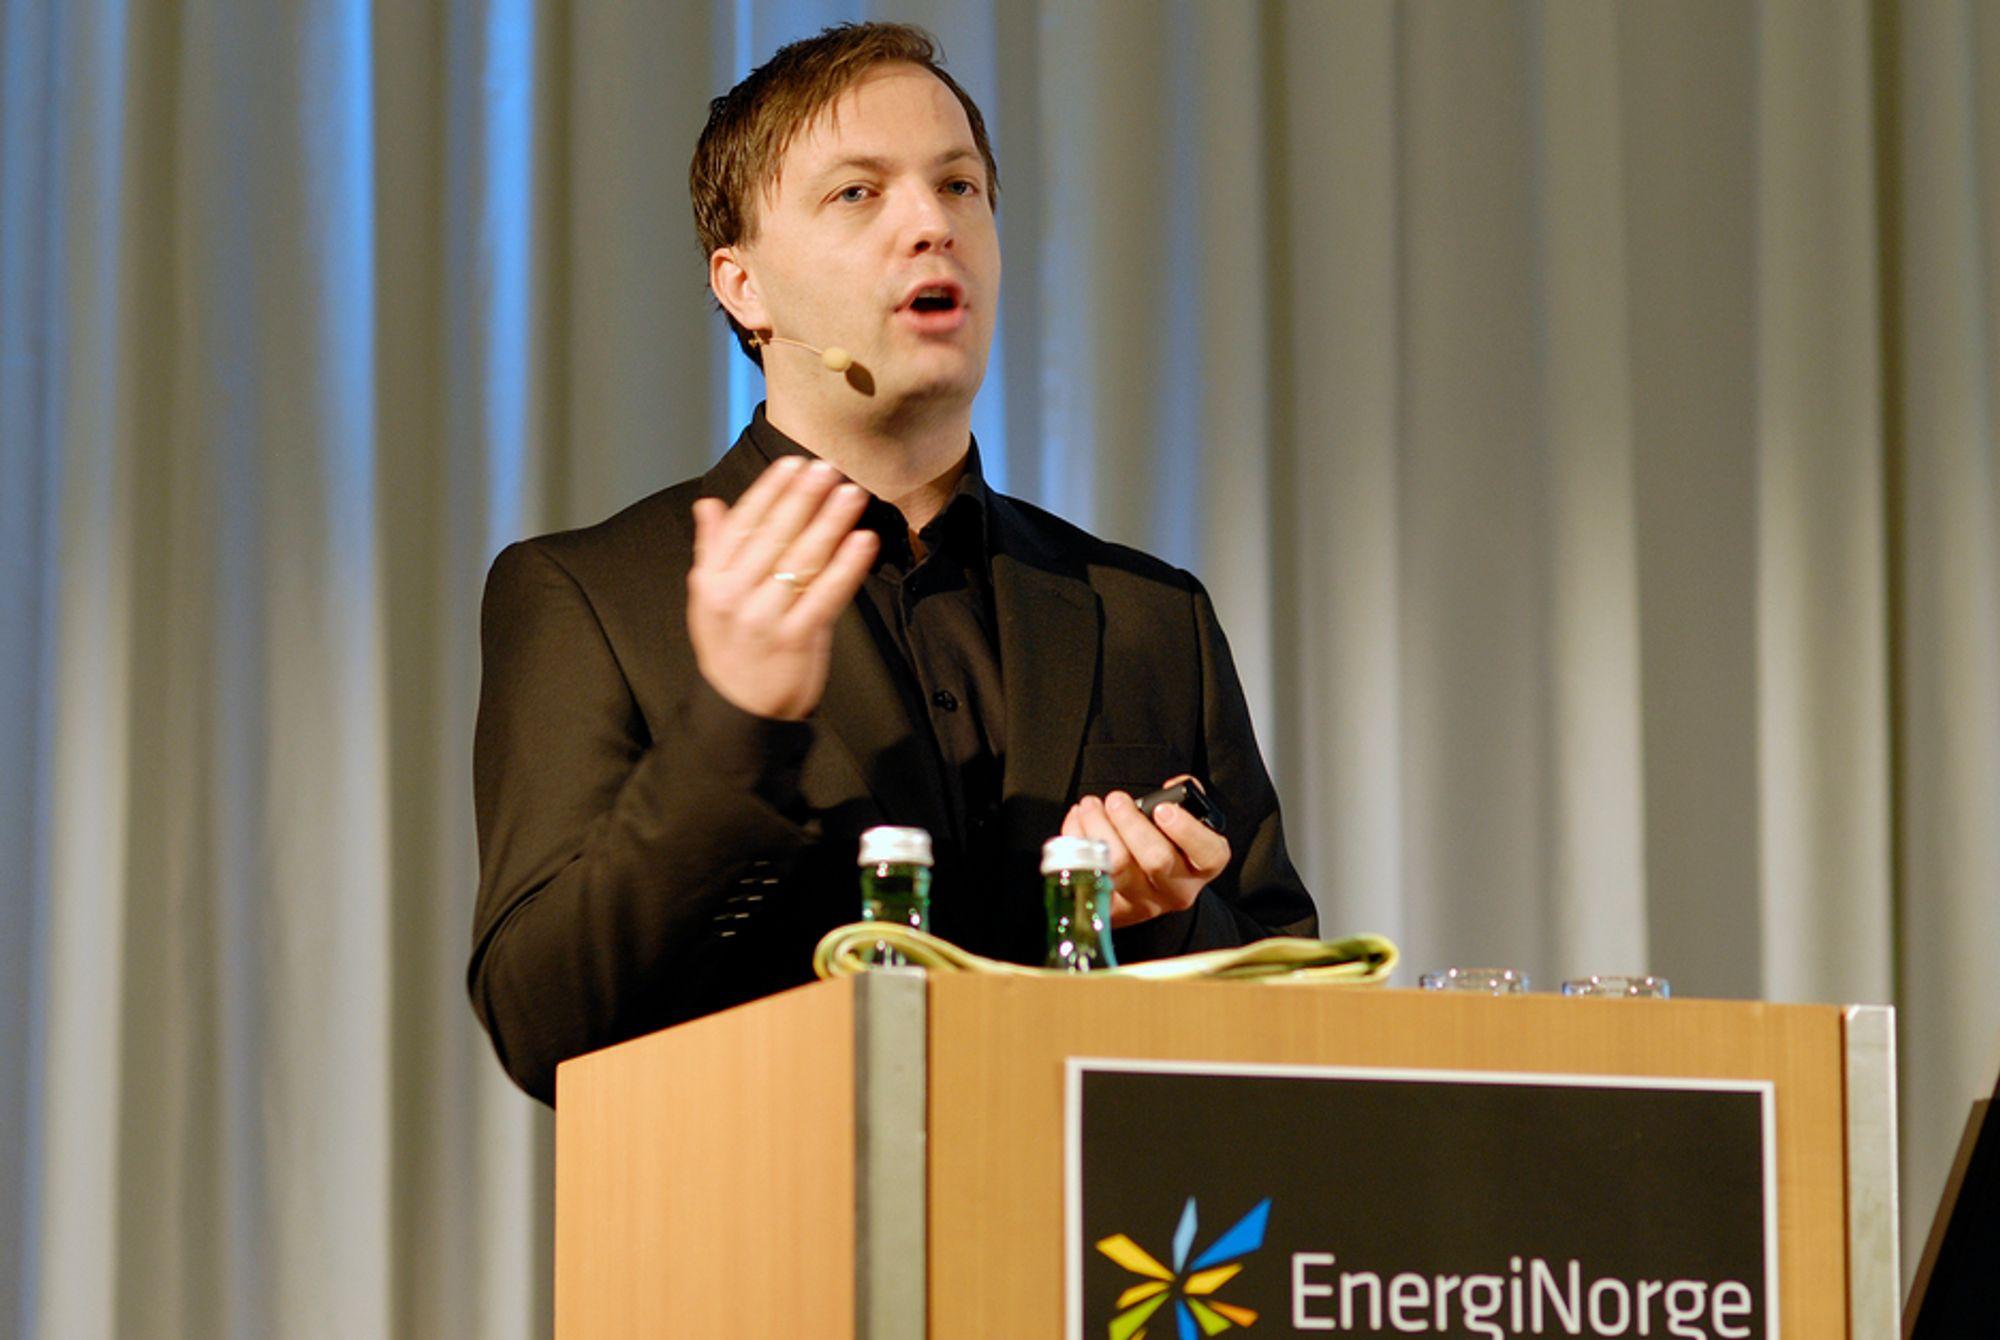 ESTETIKK MINDRE VIKTIG: Rene estetiske hensyn bør ikke kunne stoppe ny fornybar produksjon, mener Zero-leder Einar Håndlykken.